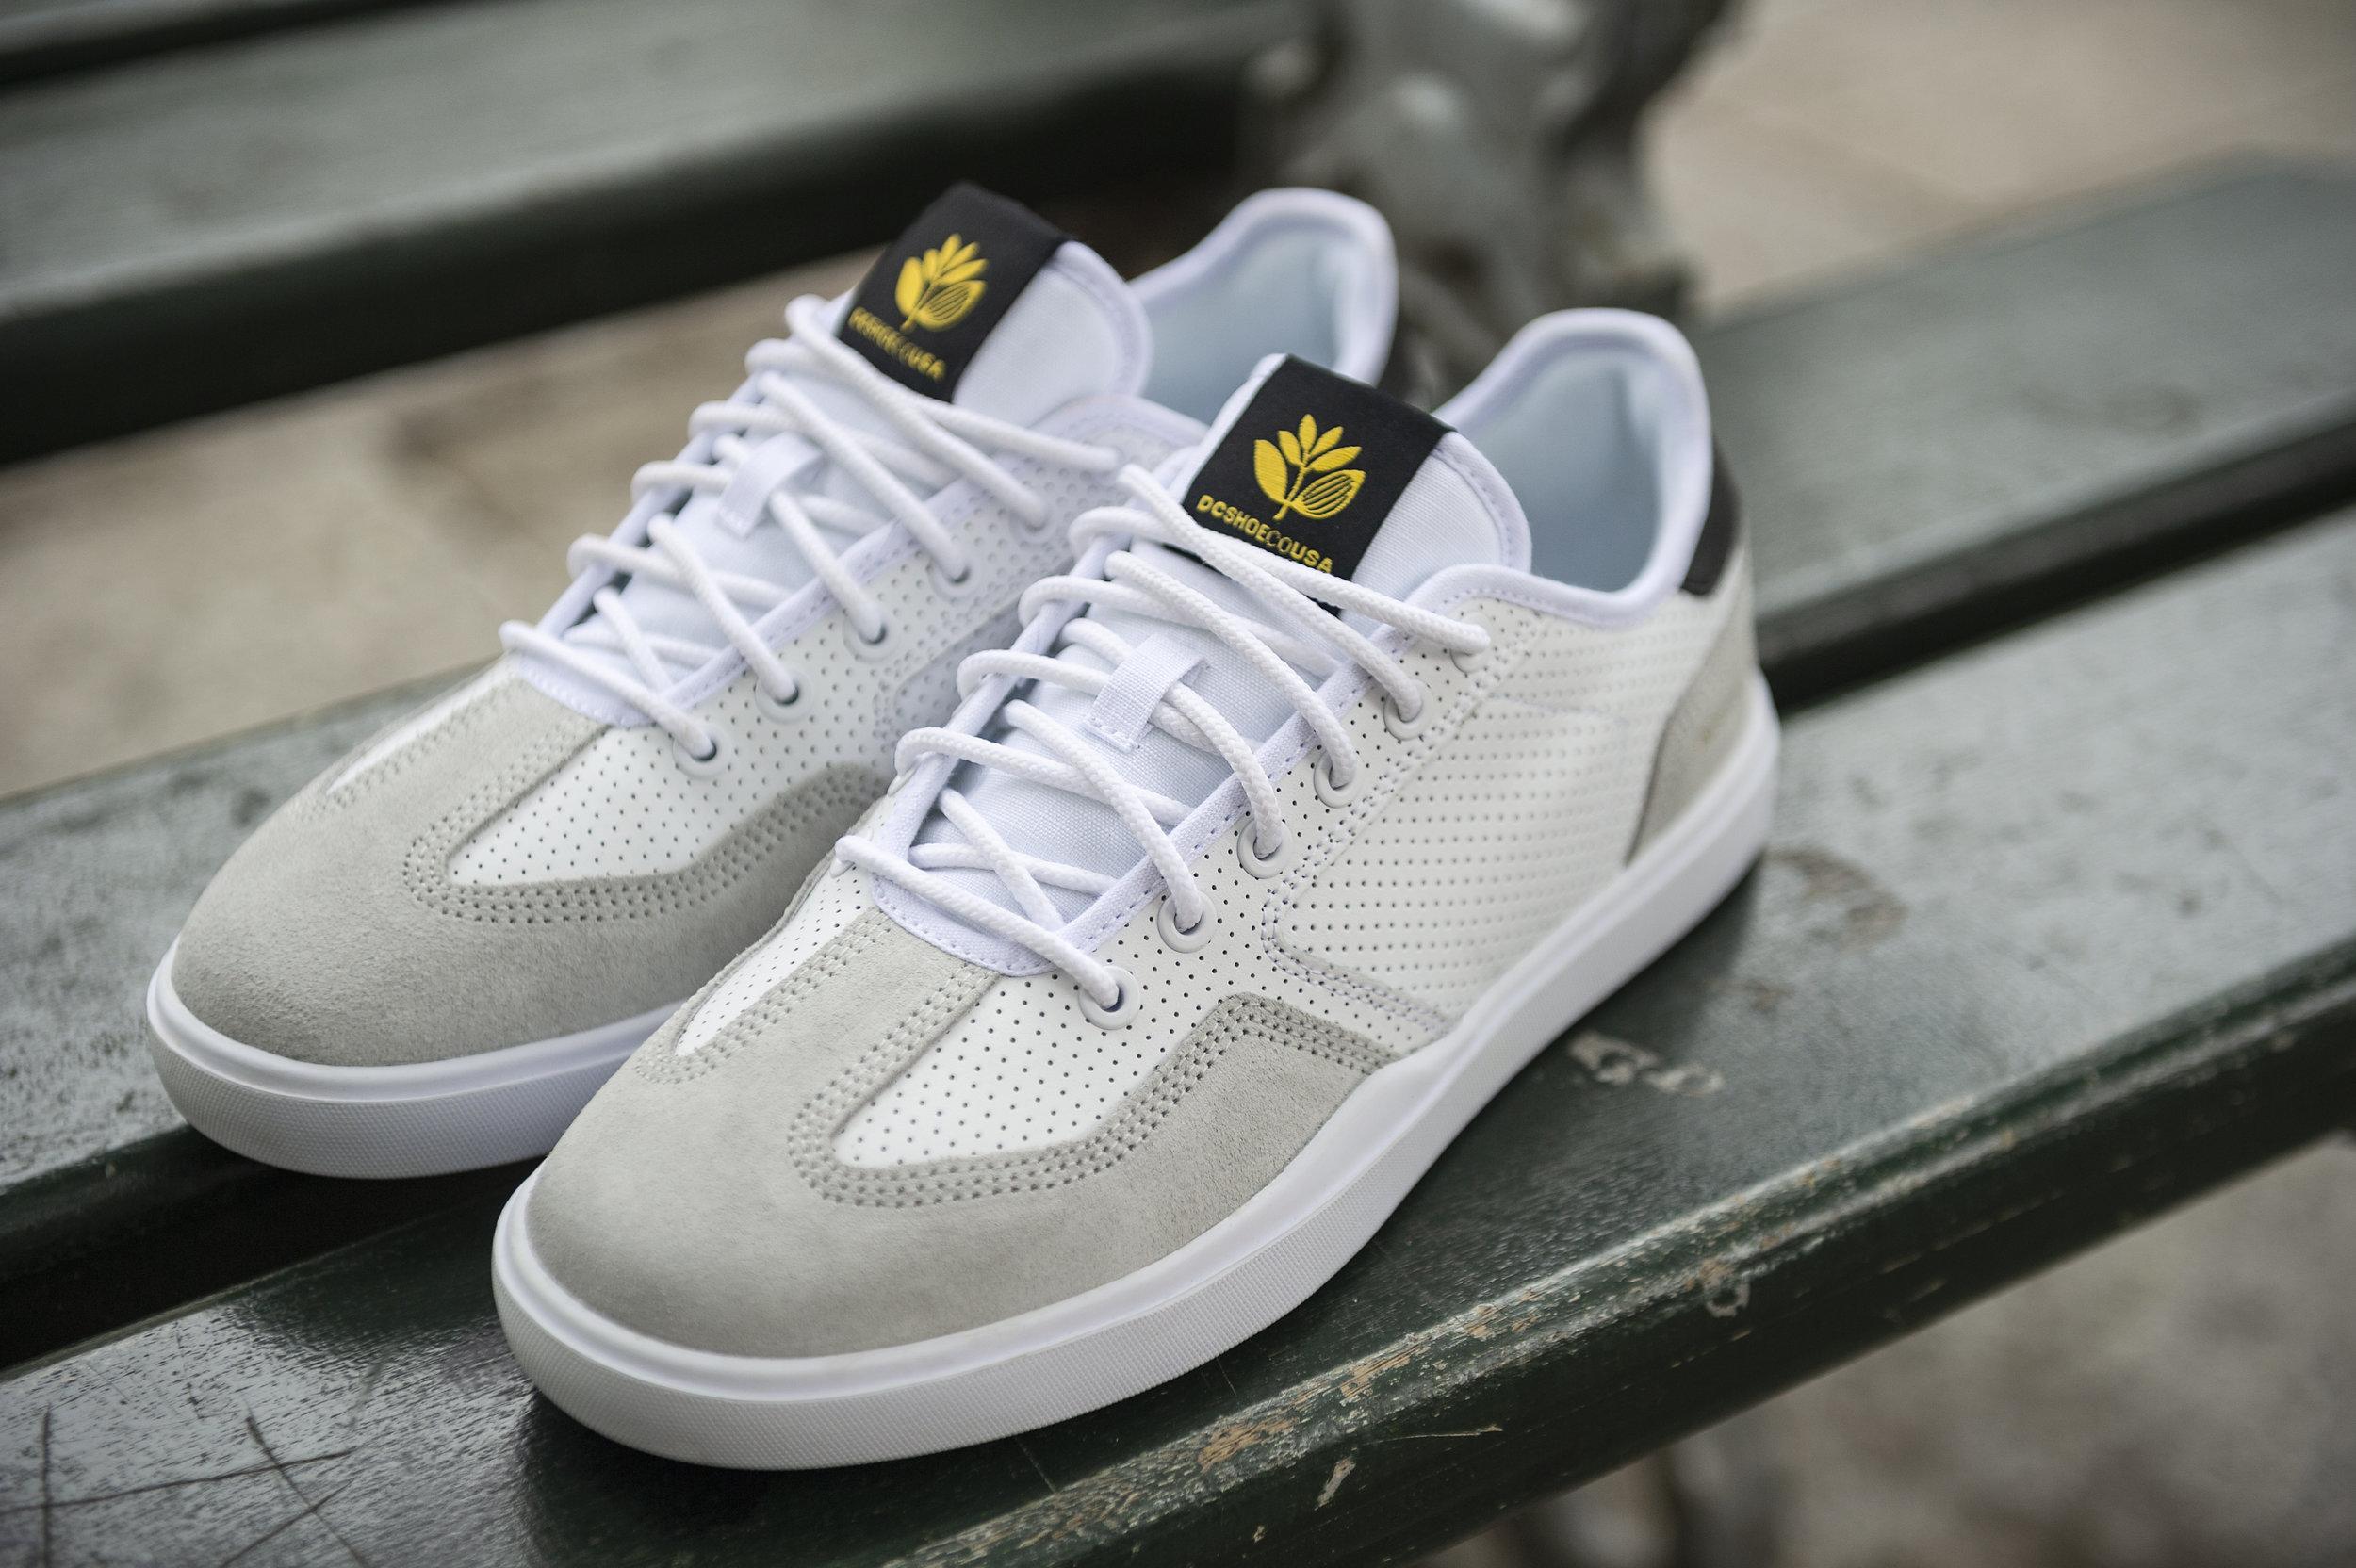 DC Shoes_x_MAGENTA-Skateboards_Skate Shoes_David_Manaud_5.jpg